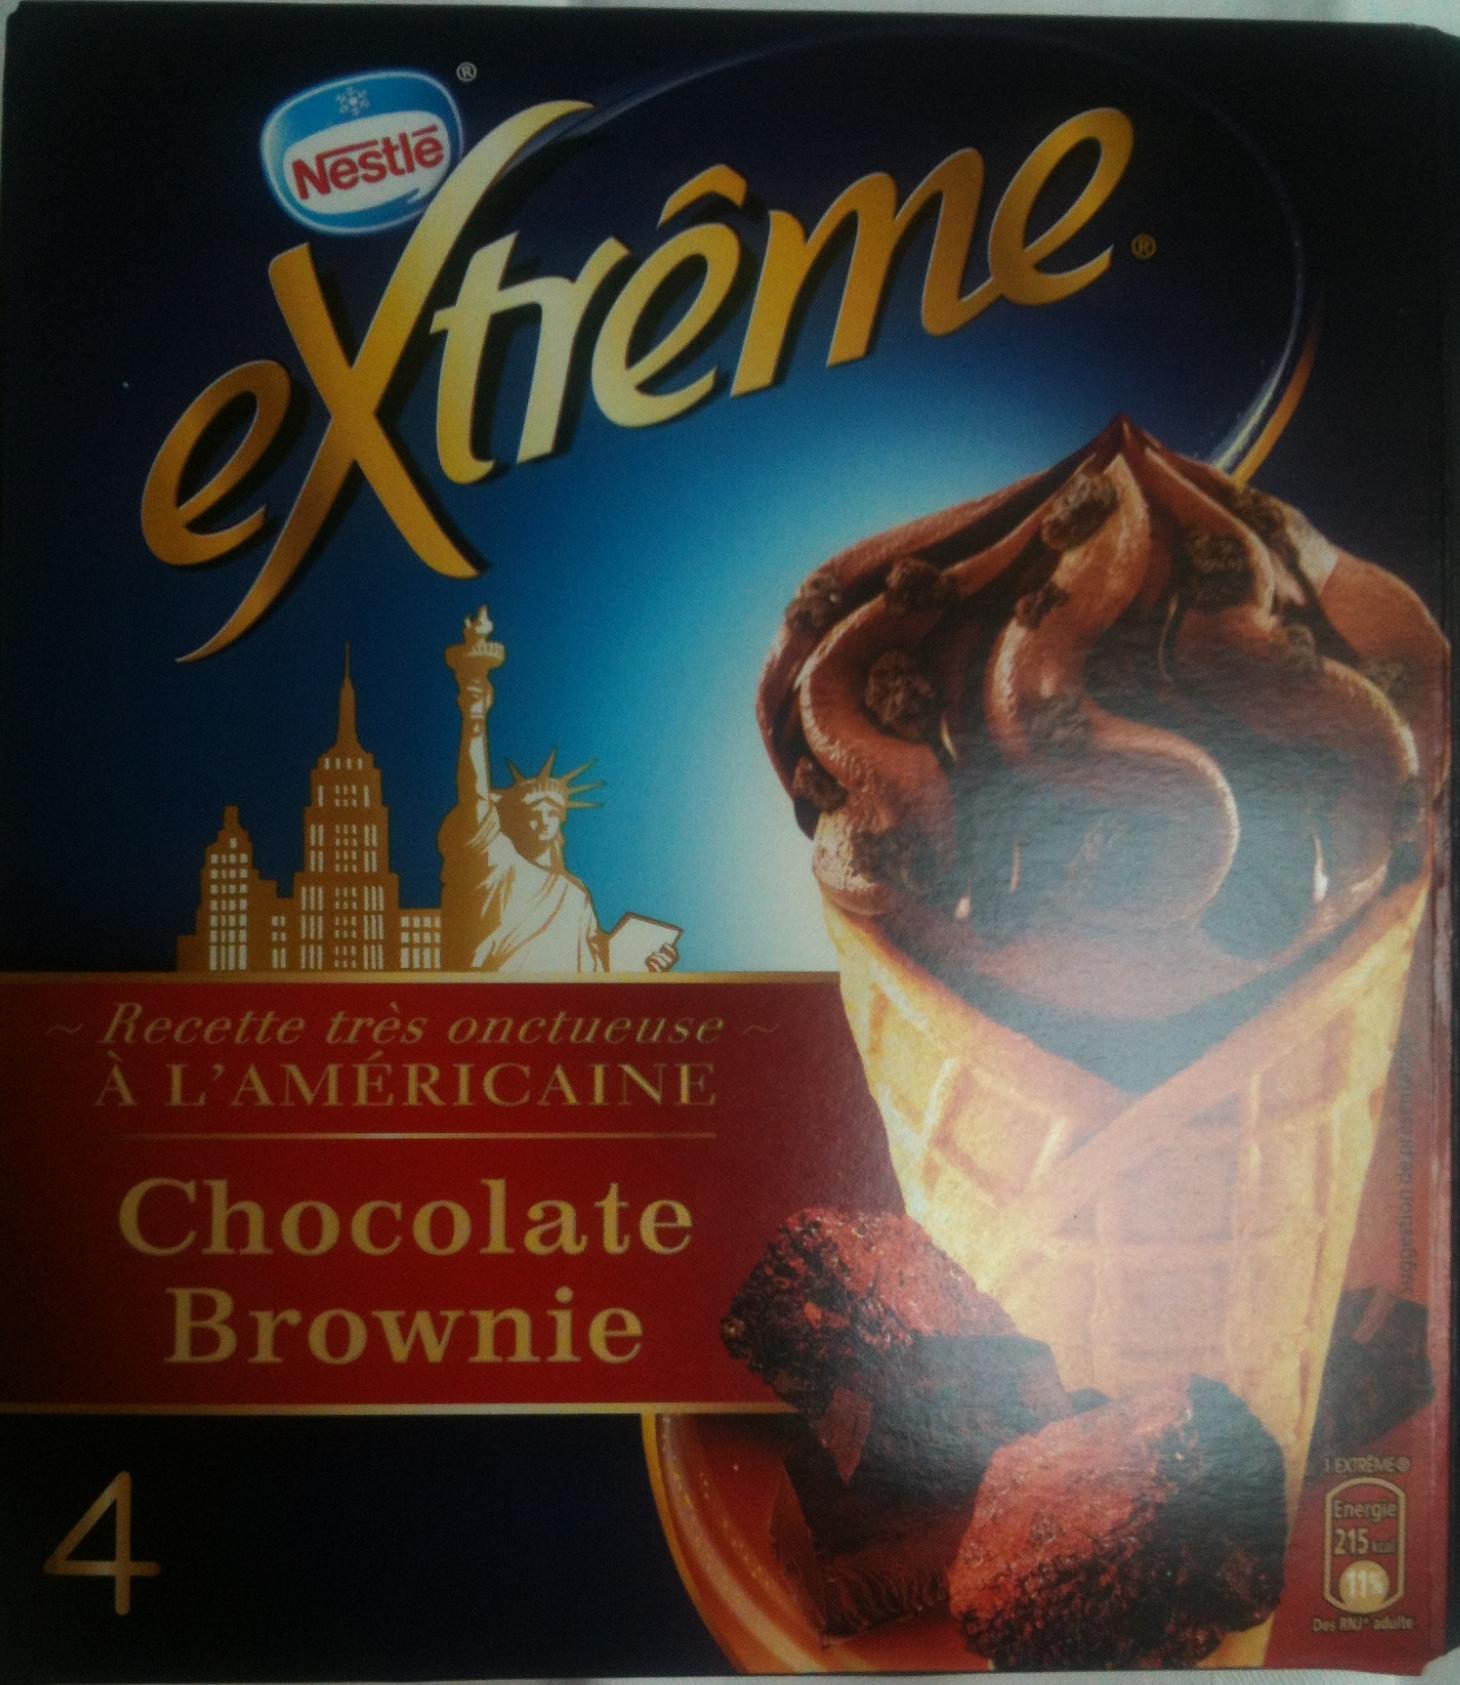 Nestlé - eXtrême - Chocolate Brownie - Produit